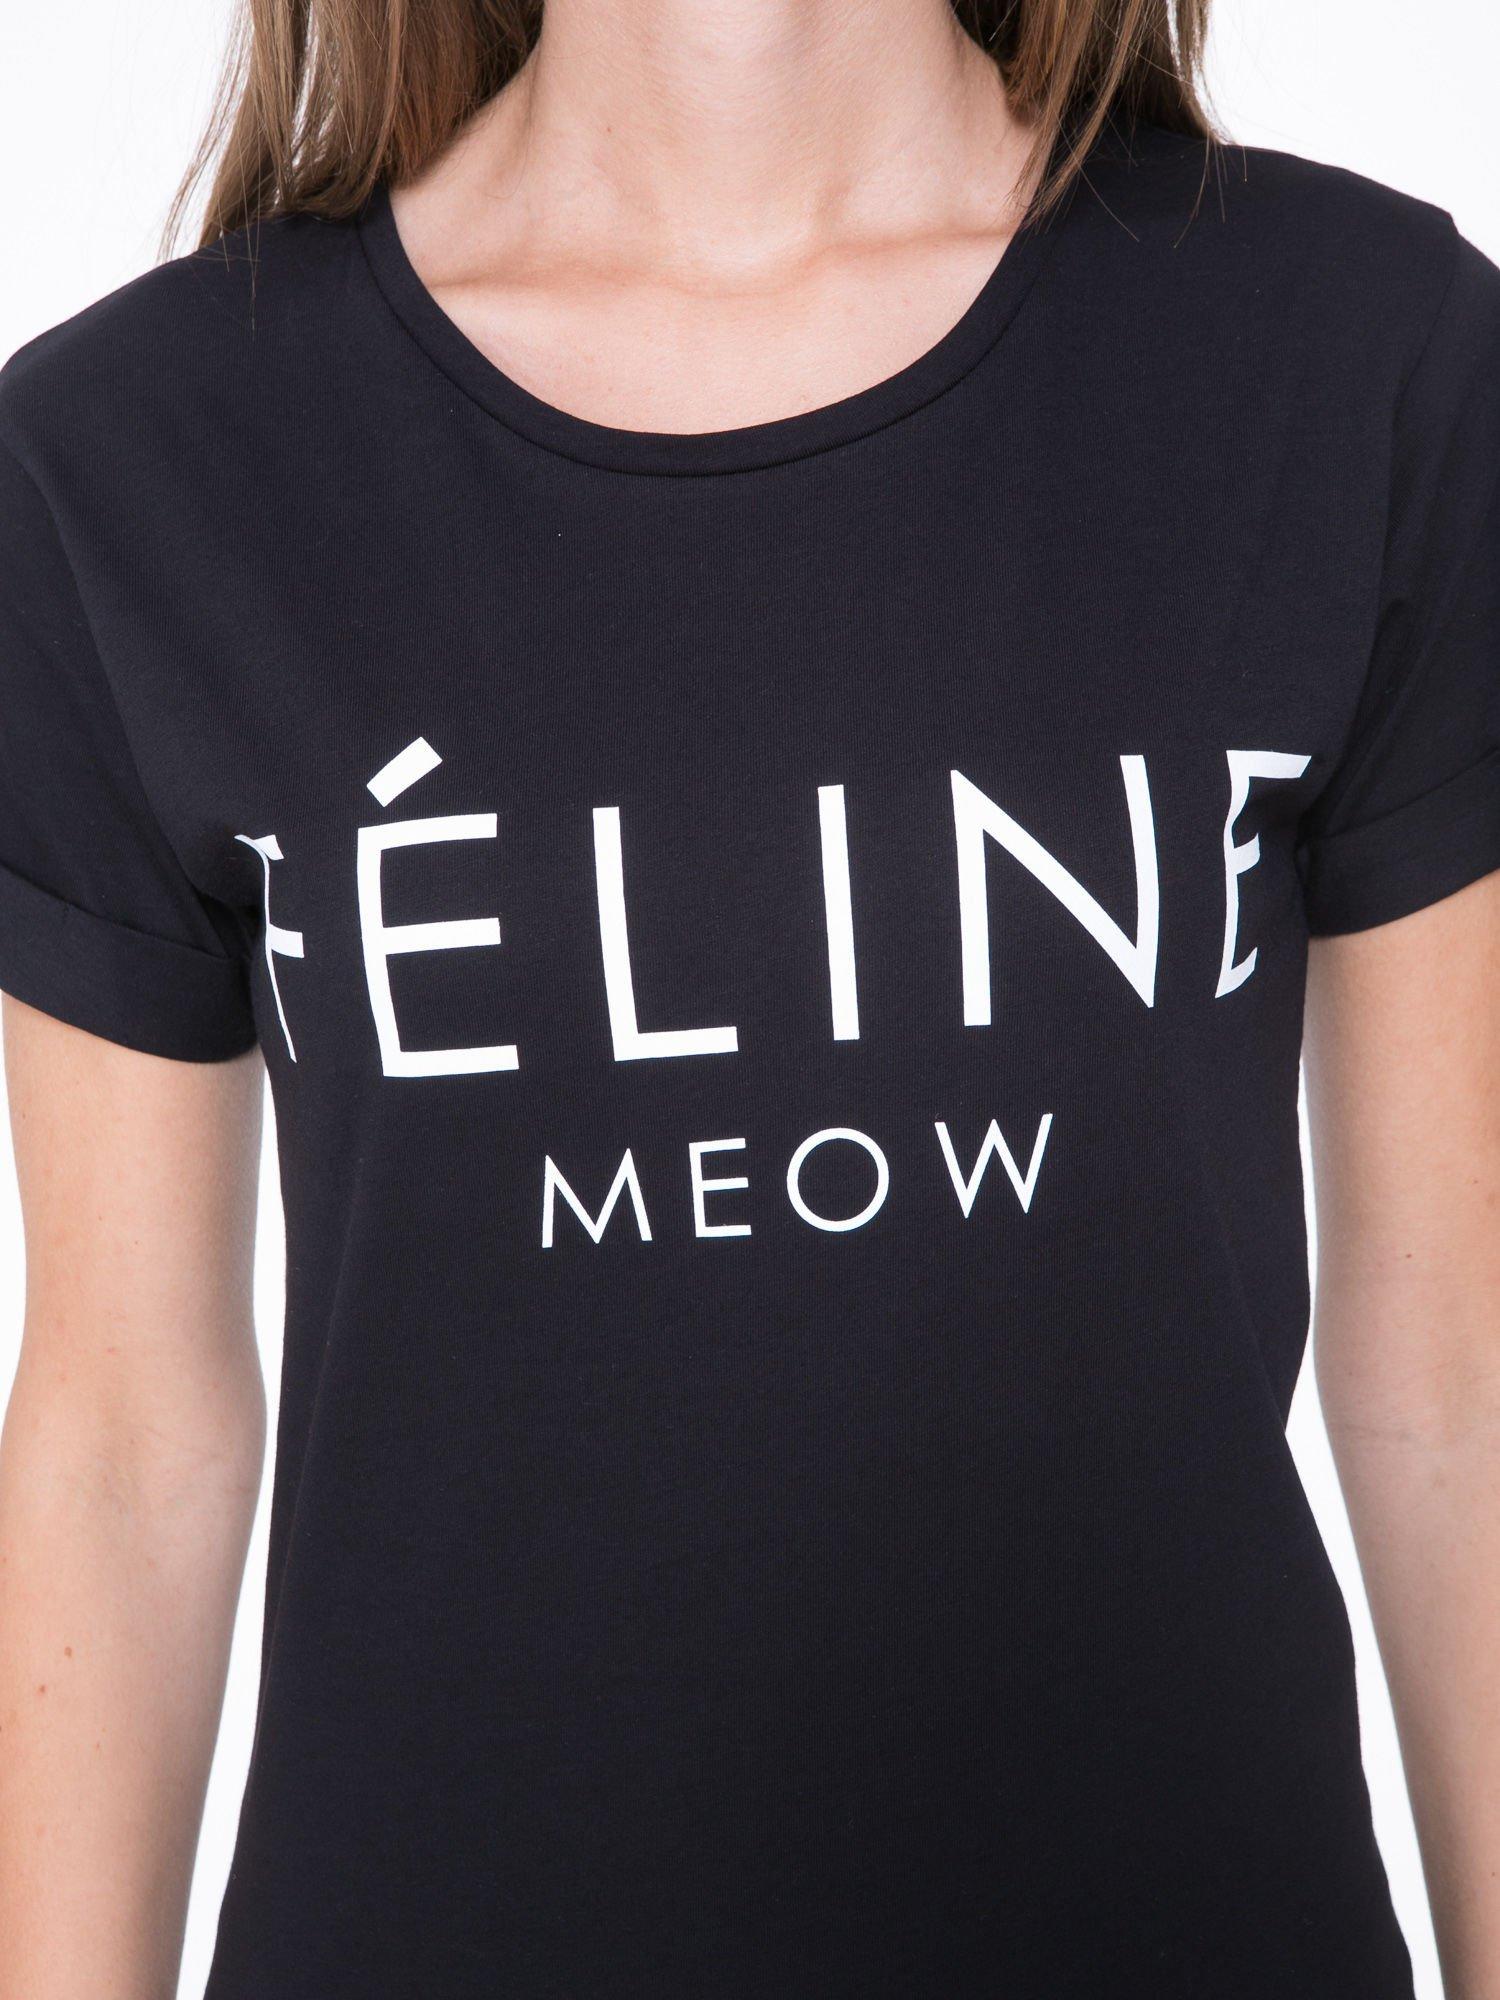 Czarny t-shirt z napisem FÉLINE MEOW                                  zdj.                                  6